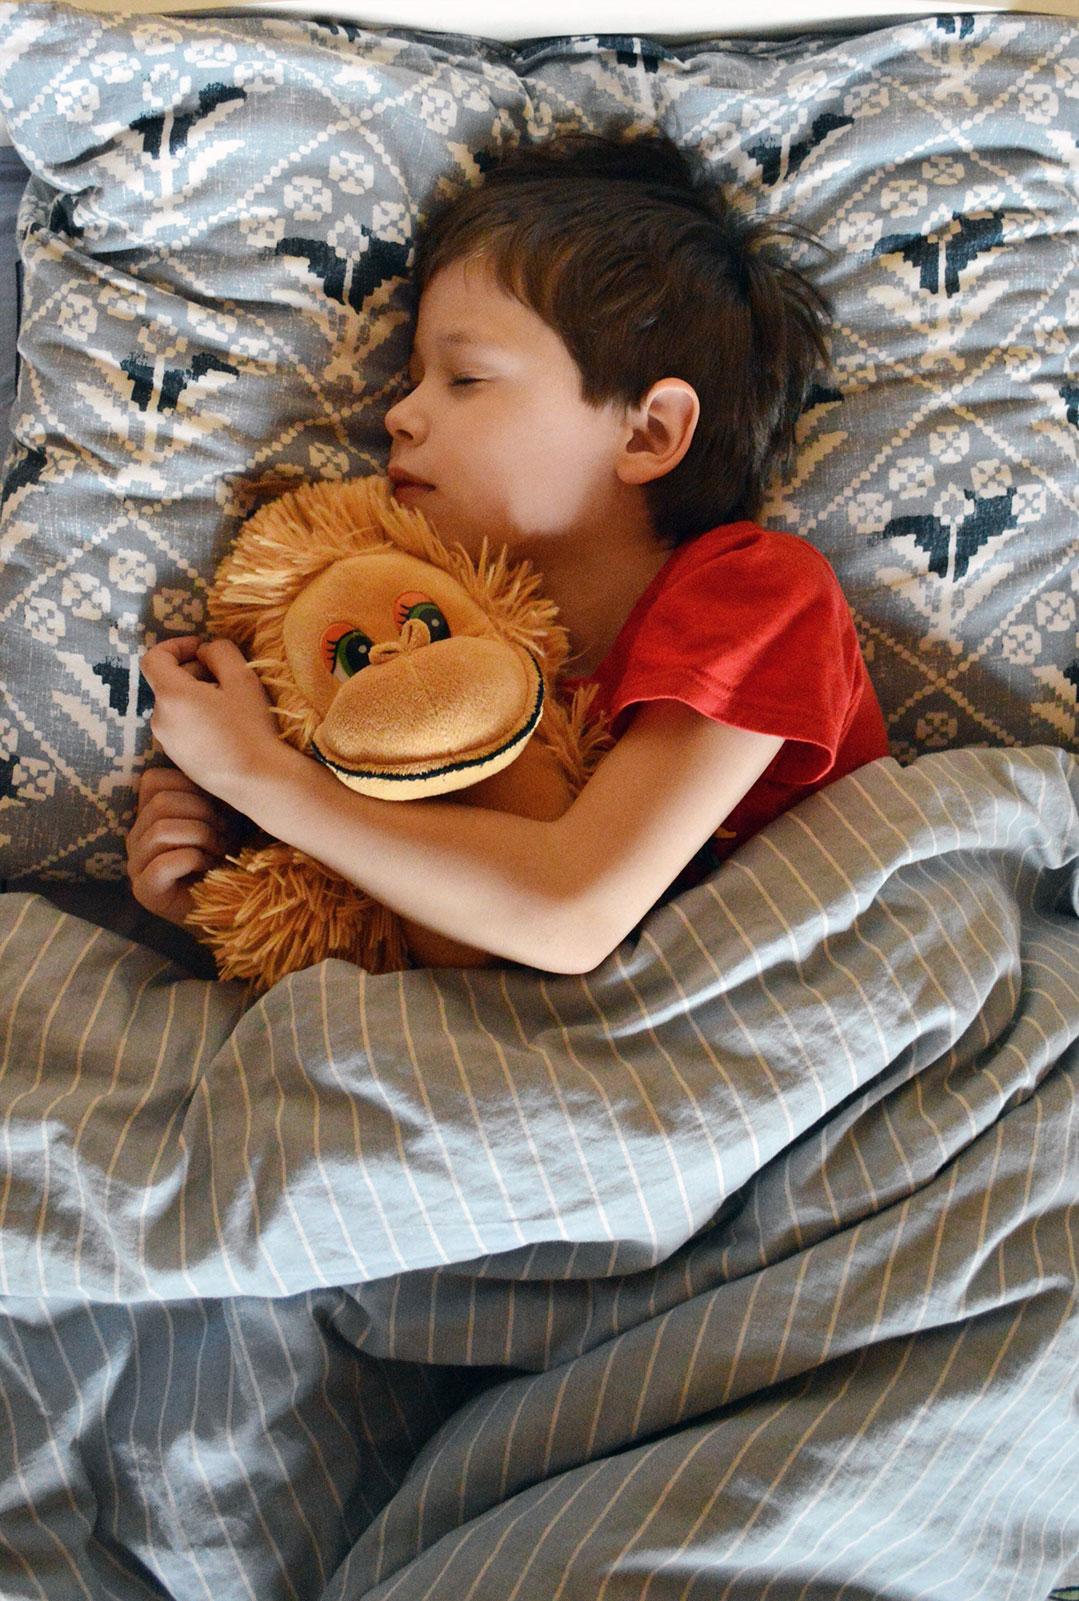 Un garçon dort dans son lit avec son doudou, une peluche qui représente un singe.